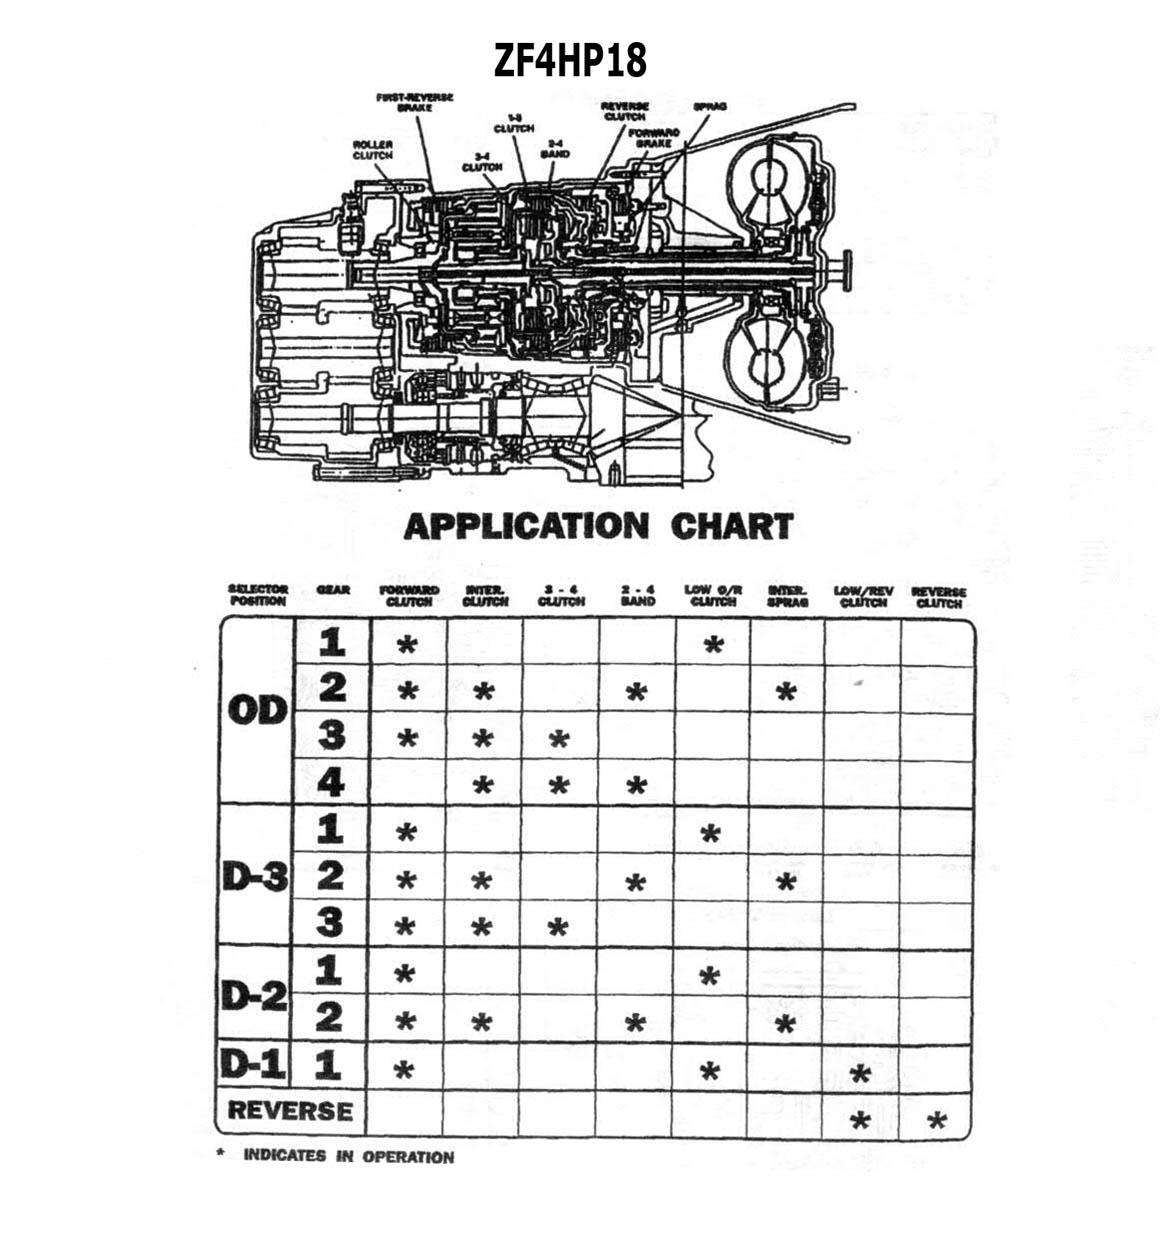 ZF4HP18 (Audi/ Сааб) Описание, цены на запчасти, типичные